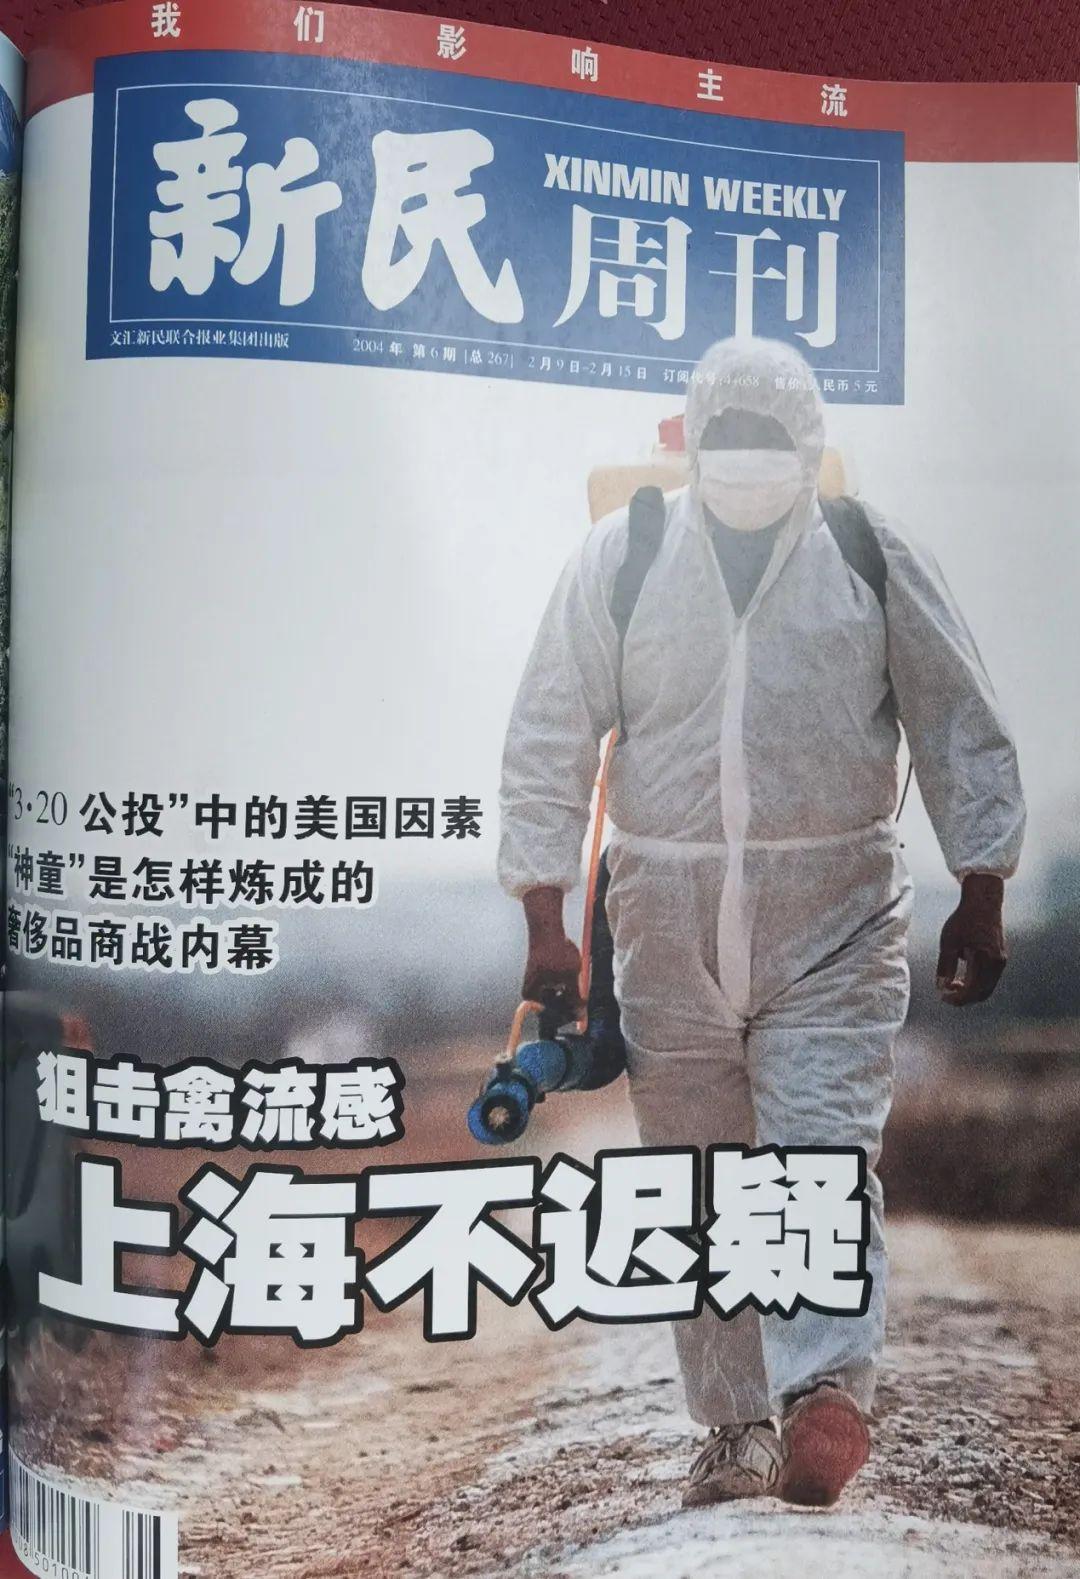 2004年《新民周刊》报道上海禽流感封面